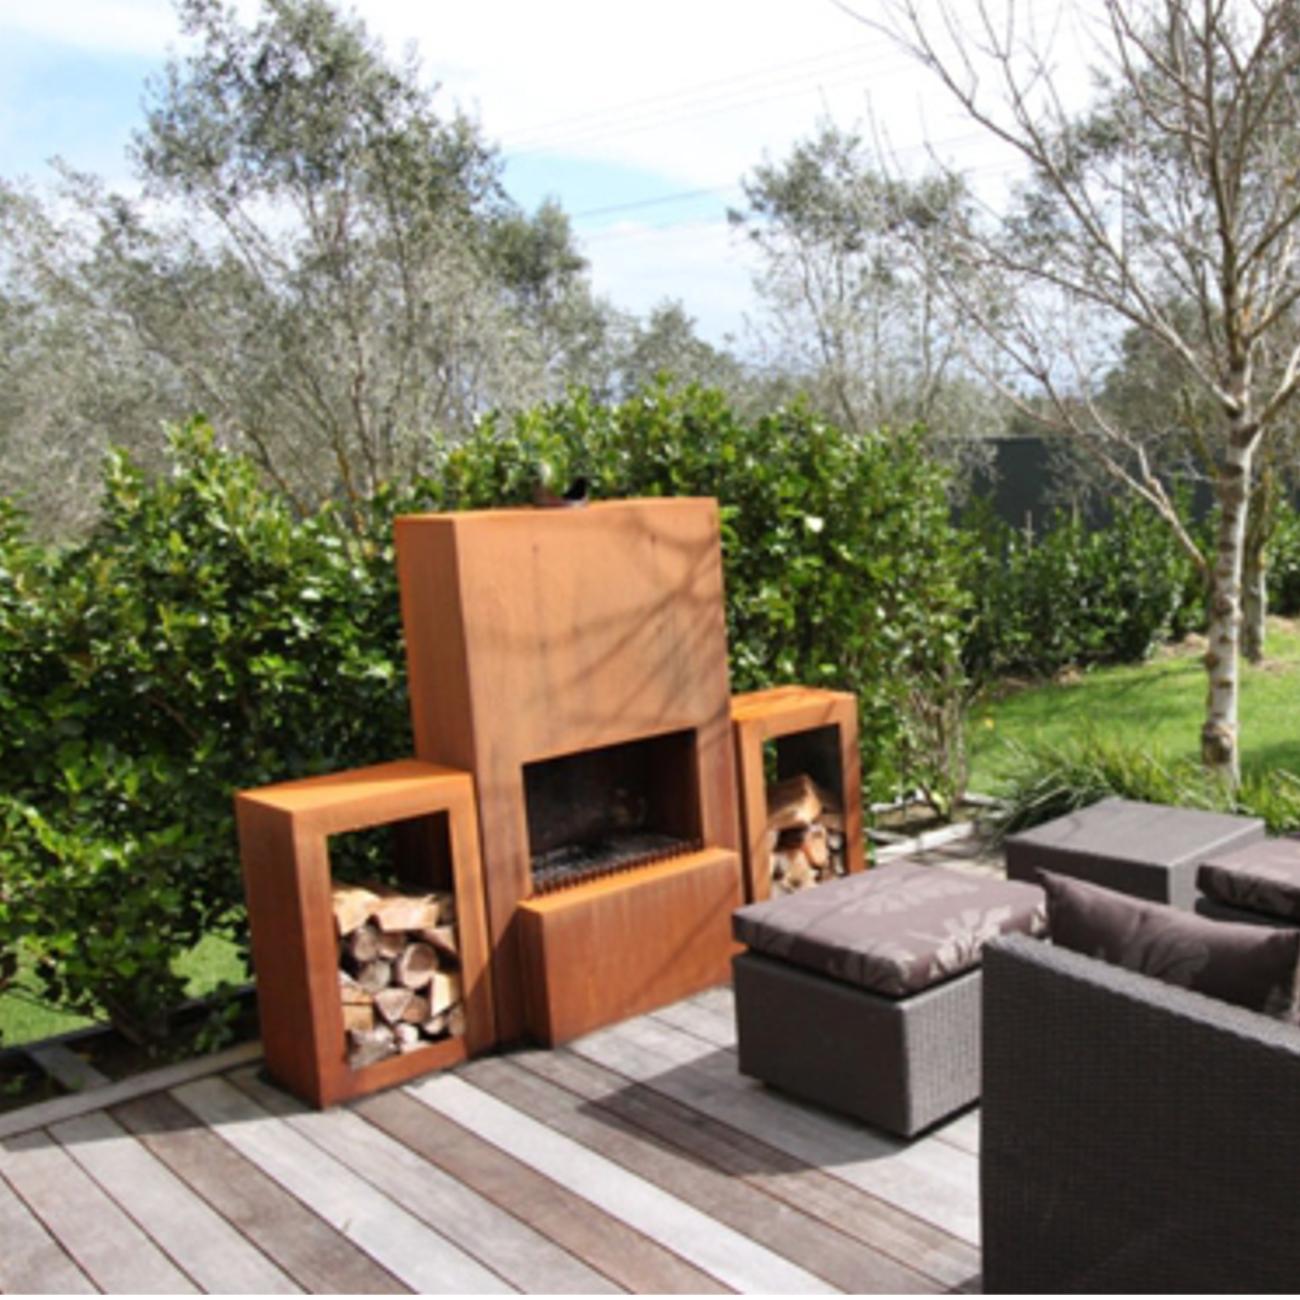 Outdoor Garten Kamin Feuersaule Pinacate In Corten Stahl